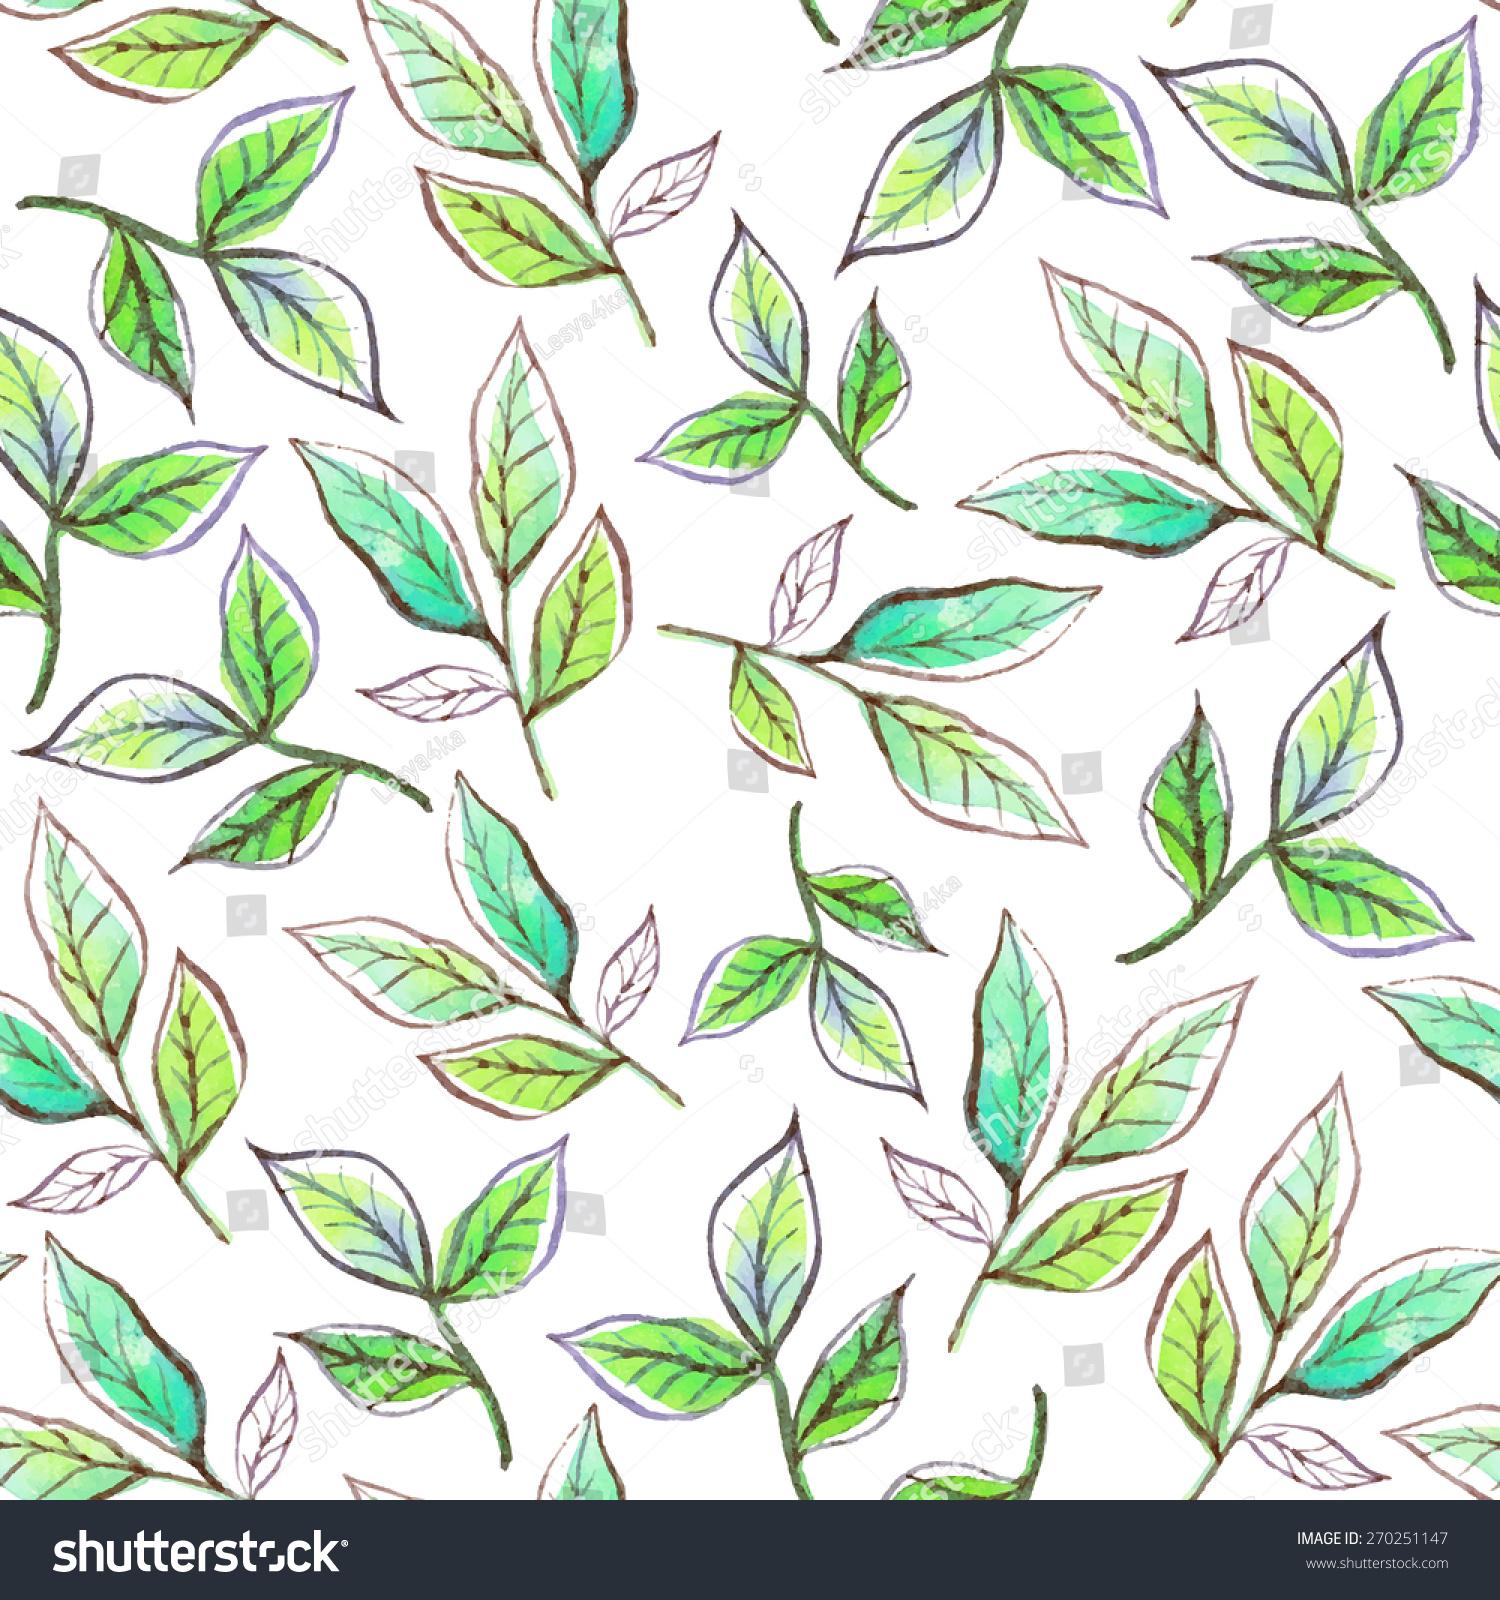 水彩树枝和树叶绿色.向量无缝模式.-自然,复古风格-()